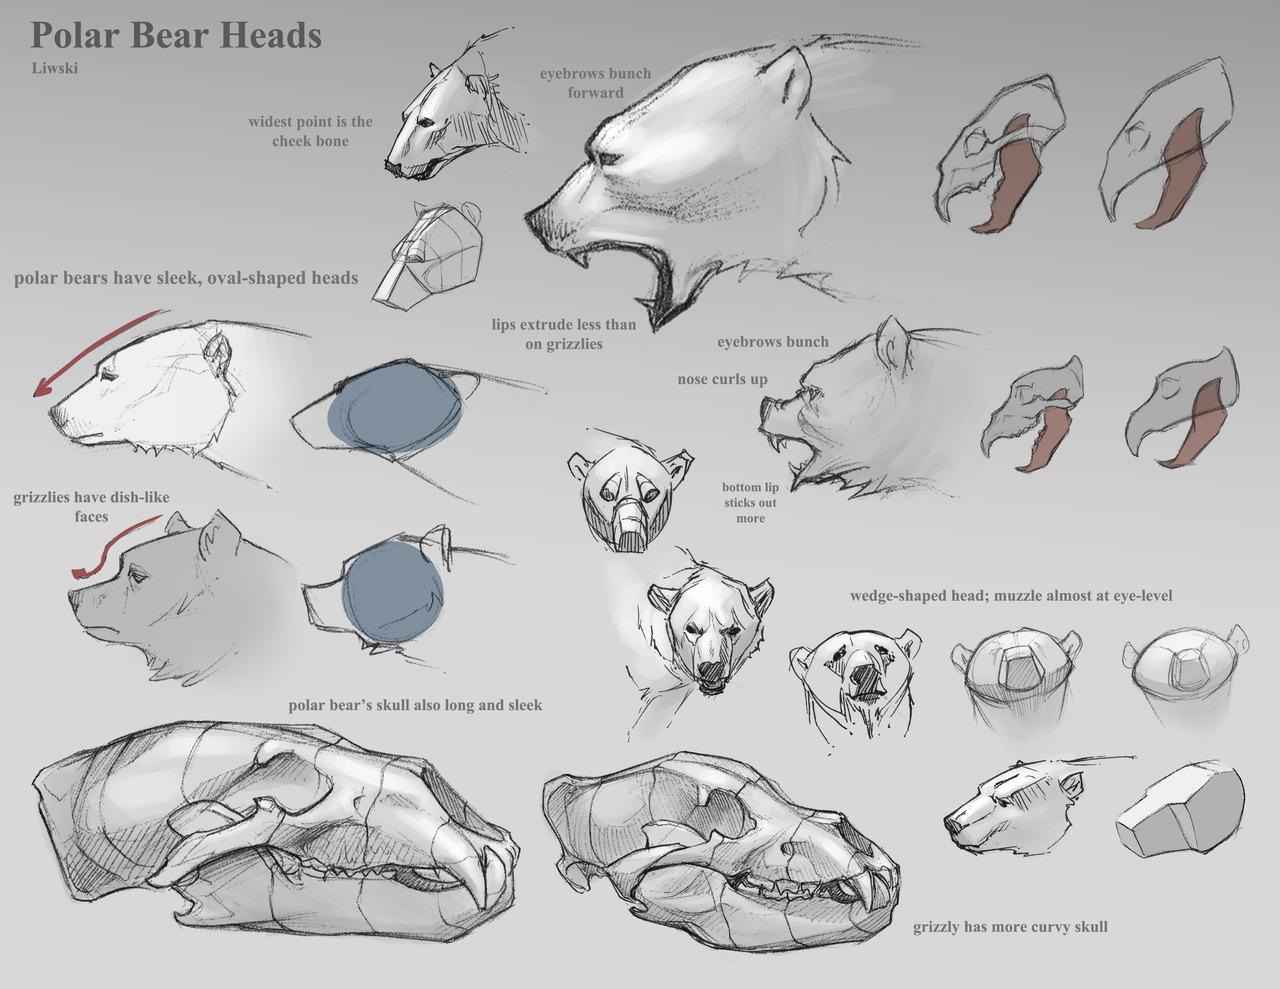 Drawn polar  bear anatomy Dope REFERENCES  · Draw